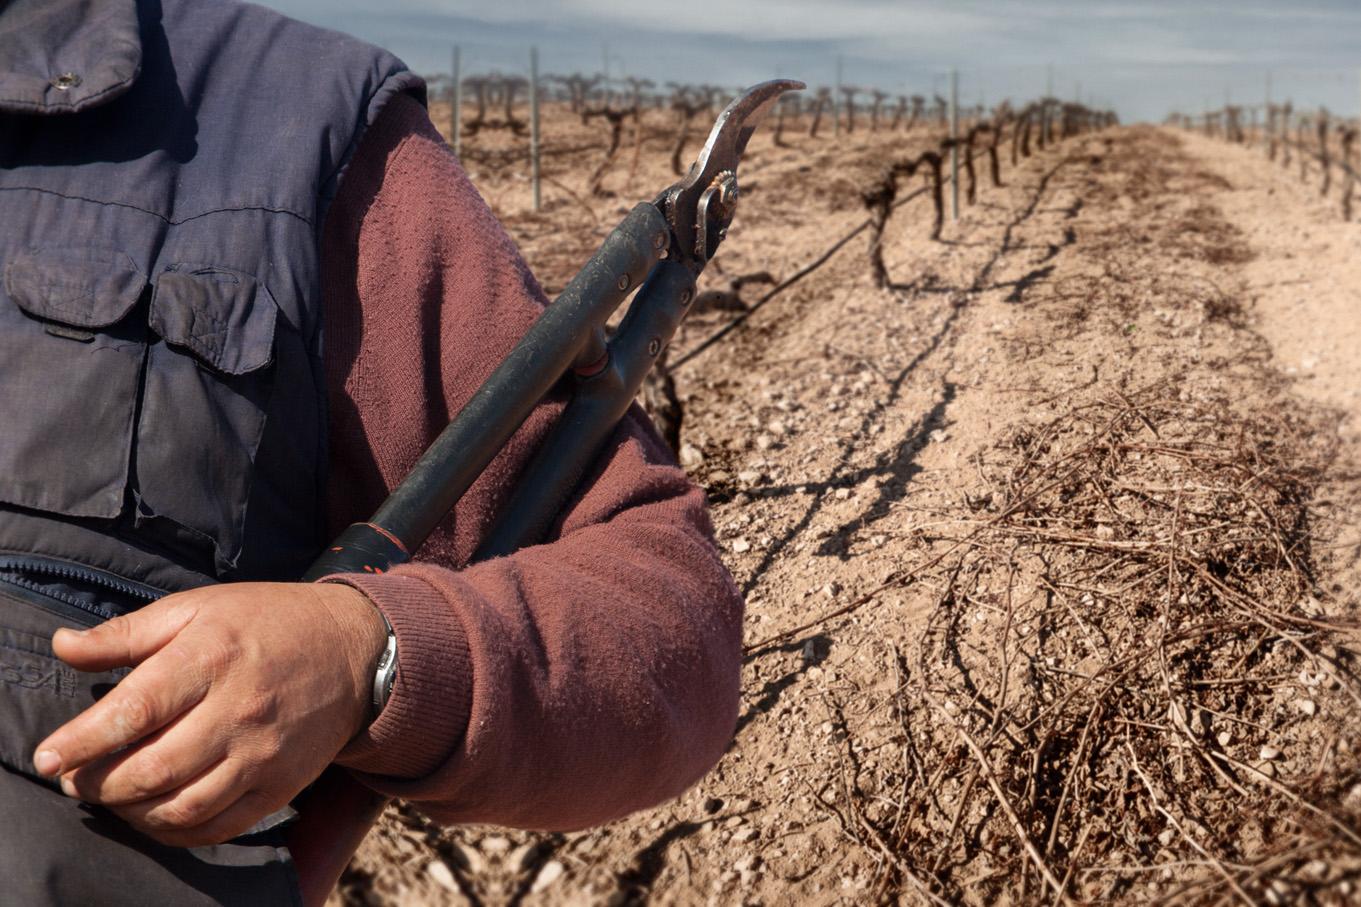 剪定作業はブドウ園では年間を通じて労働が求められる